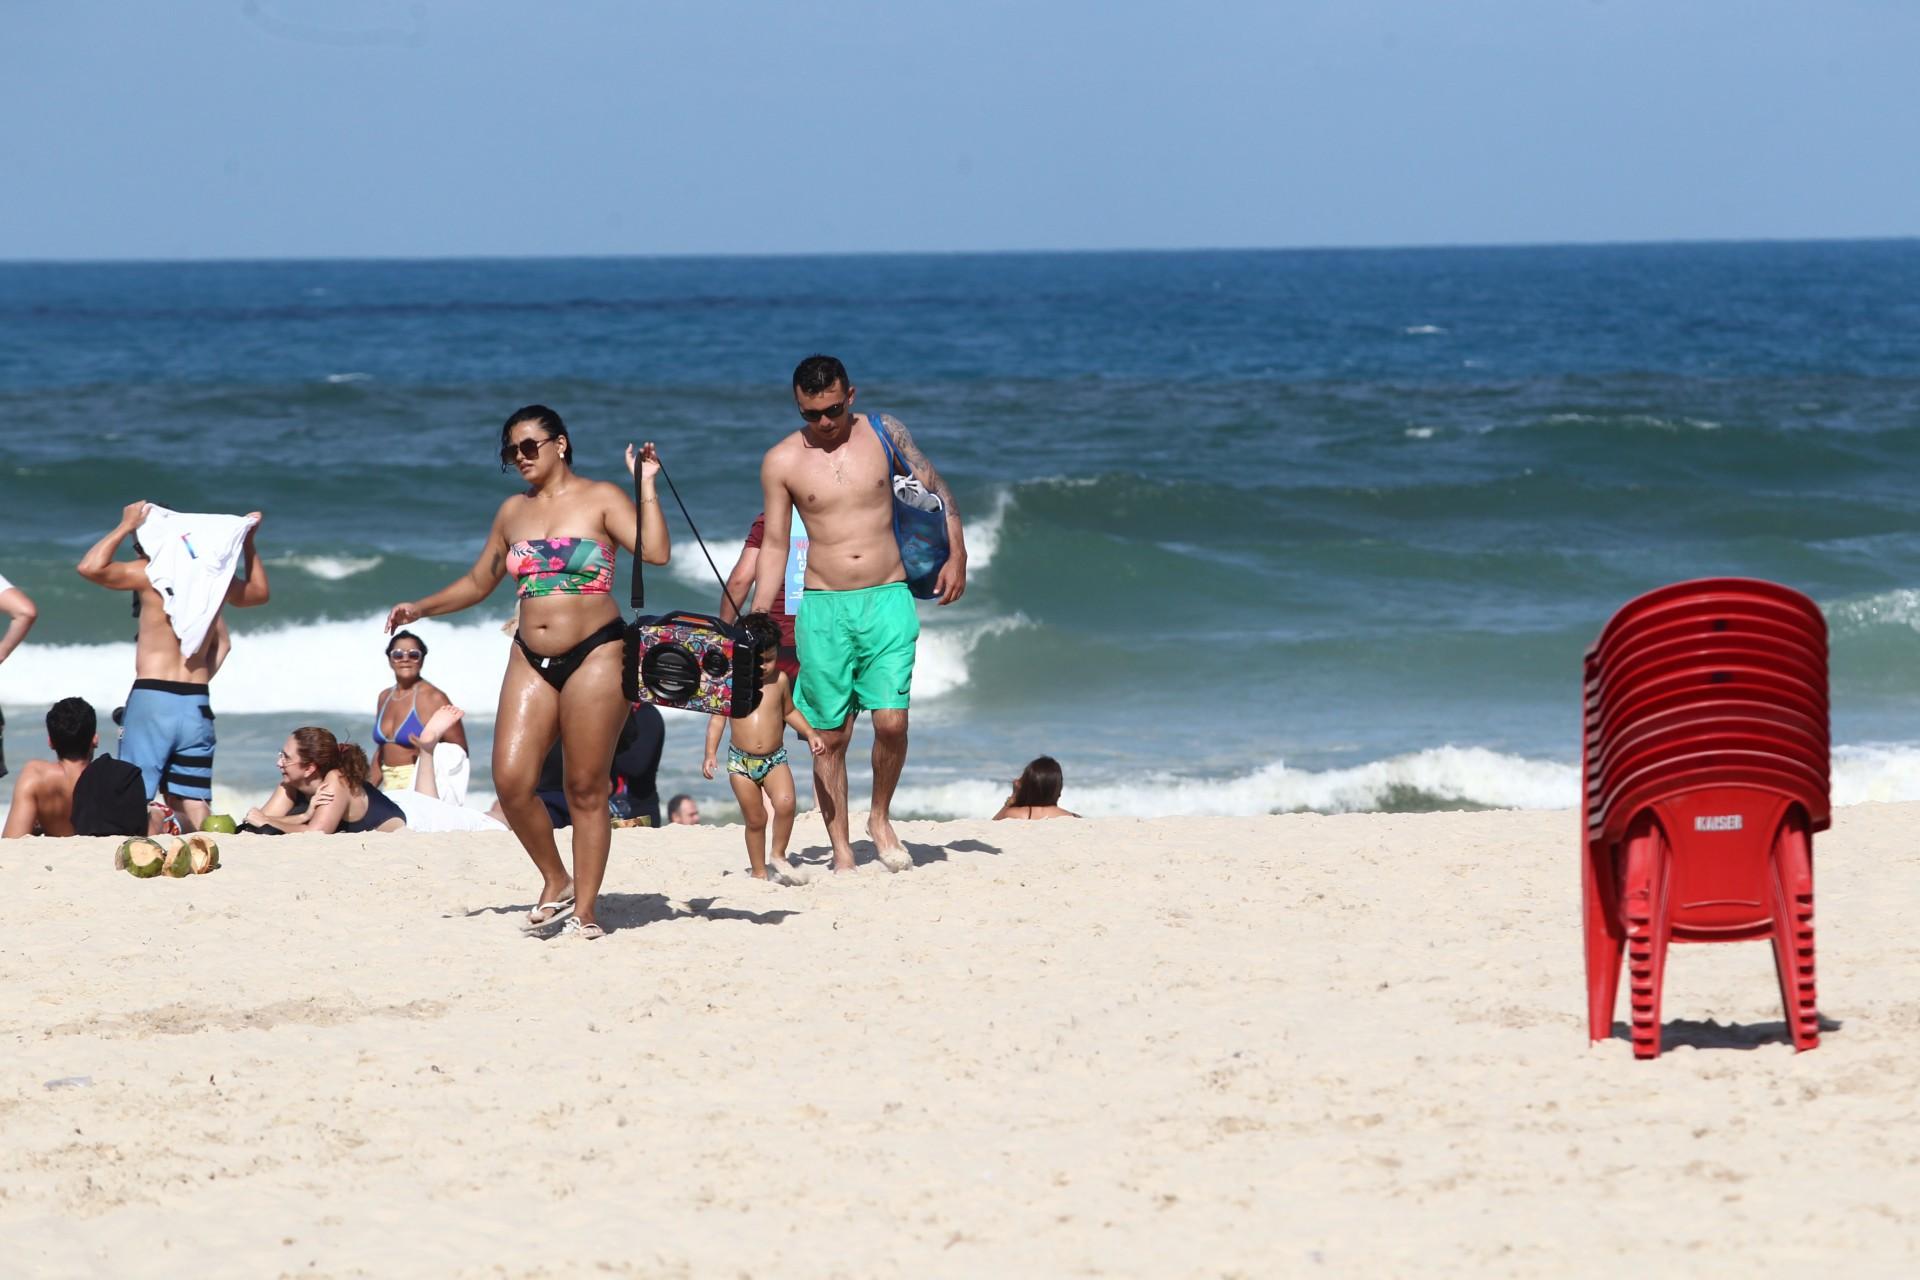 Ontem, obedecendo decreto estadual, as barracas de praia fecharam às 15 horas em Fortaleza